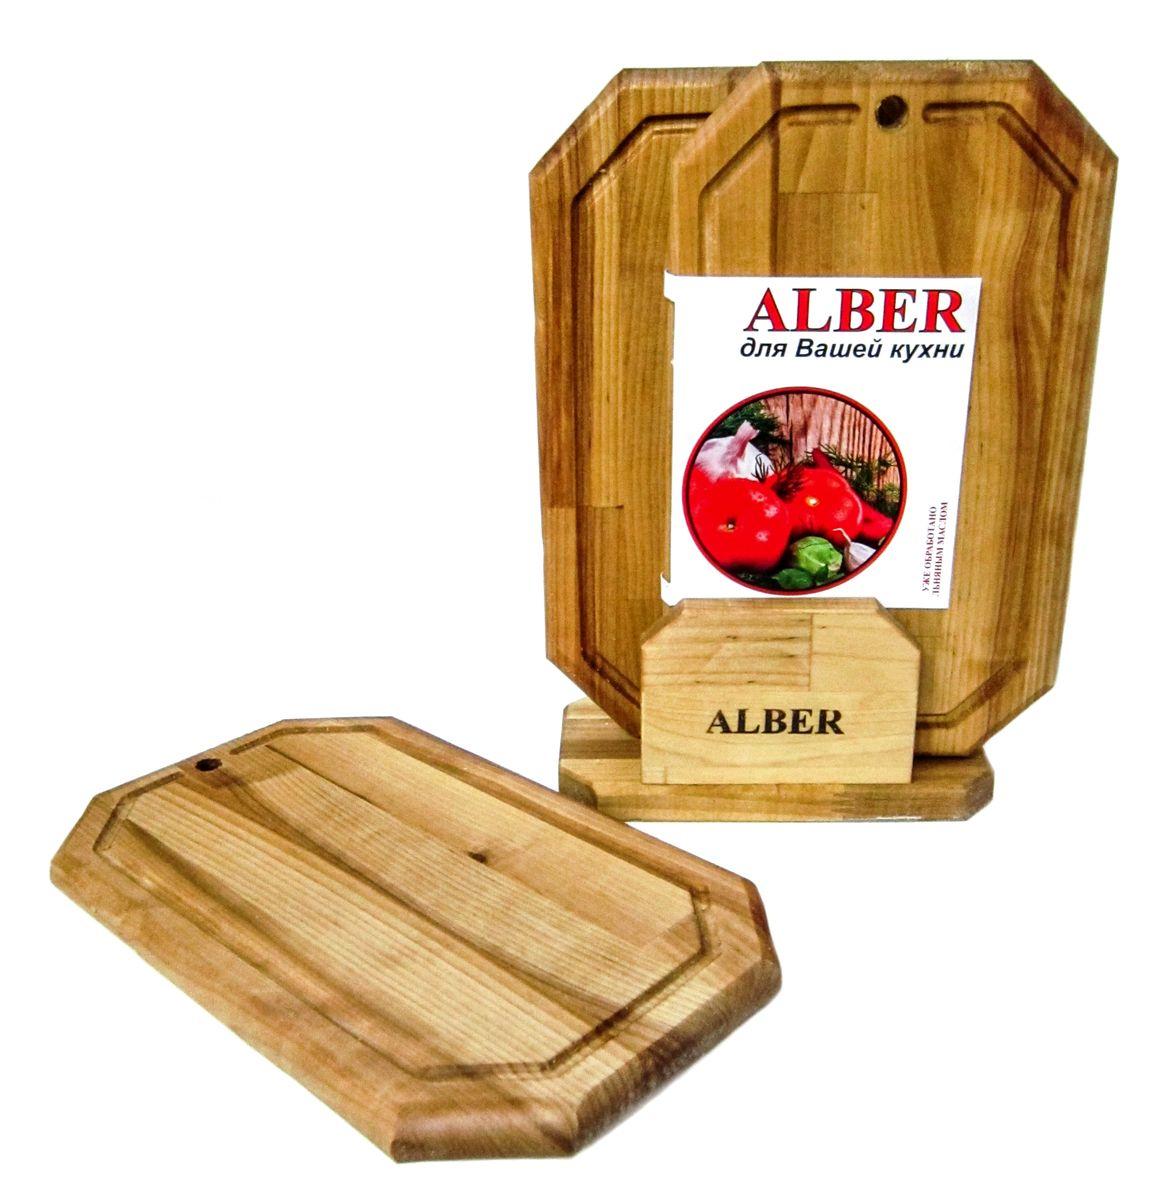 Набор досок разделочных Alber Гайка, 3 шт0080050Прочные, гладкие, с естественной березовой текстурой, доски обработаны льняным маслом для предохранения от рассыхания.Изделия имеют индивидуальную пленочную упаковку и оригинальную гравировку - нельзя мыть деревянную доску в посудомоечной машине, атакже оставлять надолго погруженной в воду. После каждого использования нужно промыть доску мыльной водой, тщательно сполоснутьпроточной водой и вытереть насухо.Заменять разделочную доску на кухне рекомендуется 1 раз в год. В наборе 3 разделочные доски. Размер каждой доски: 30 x 18 x 1,8 см.